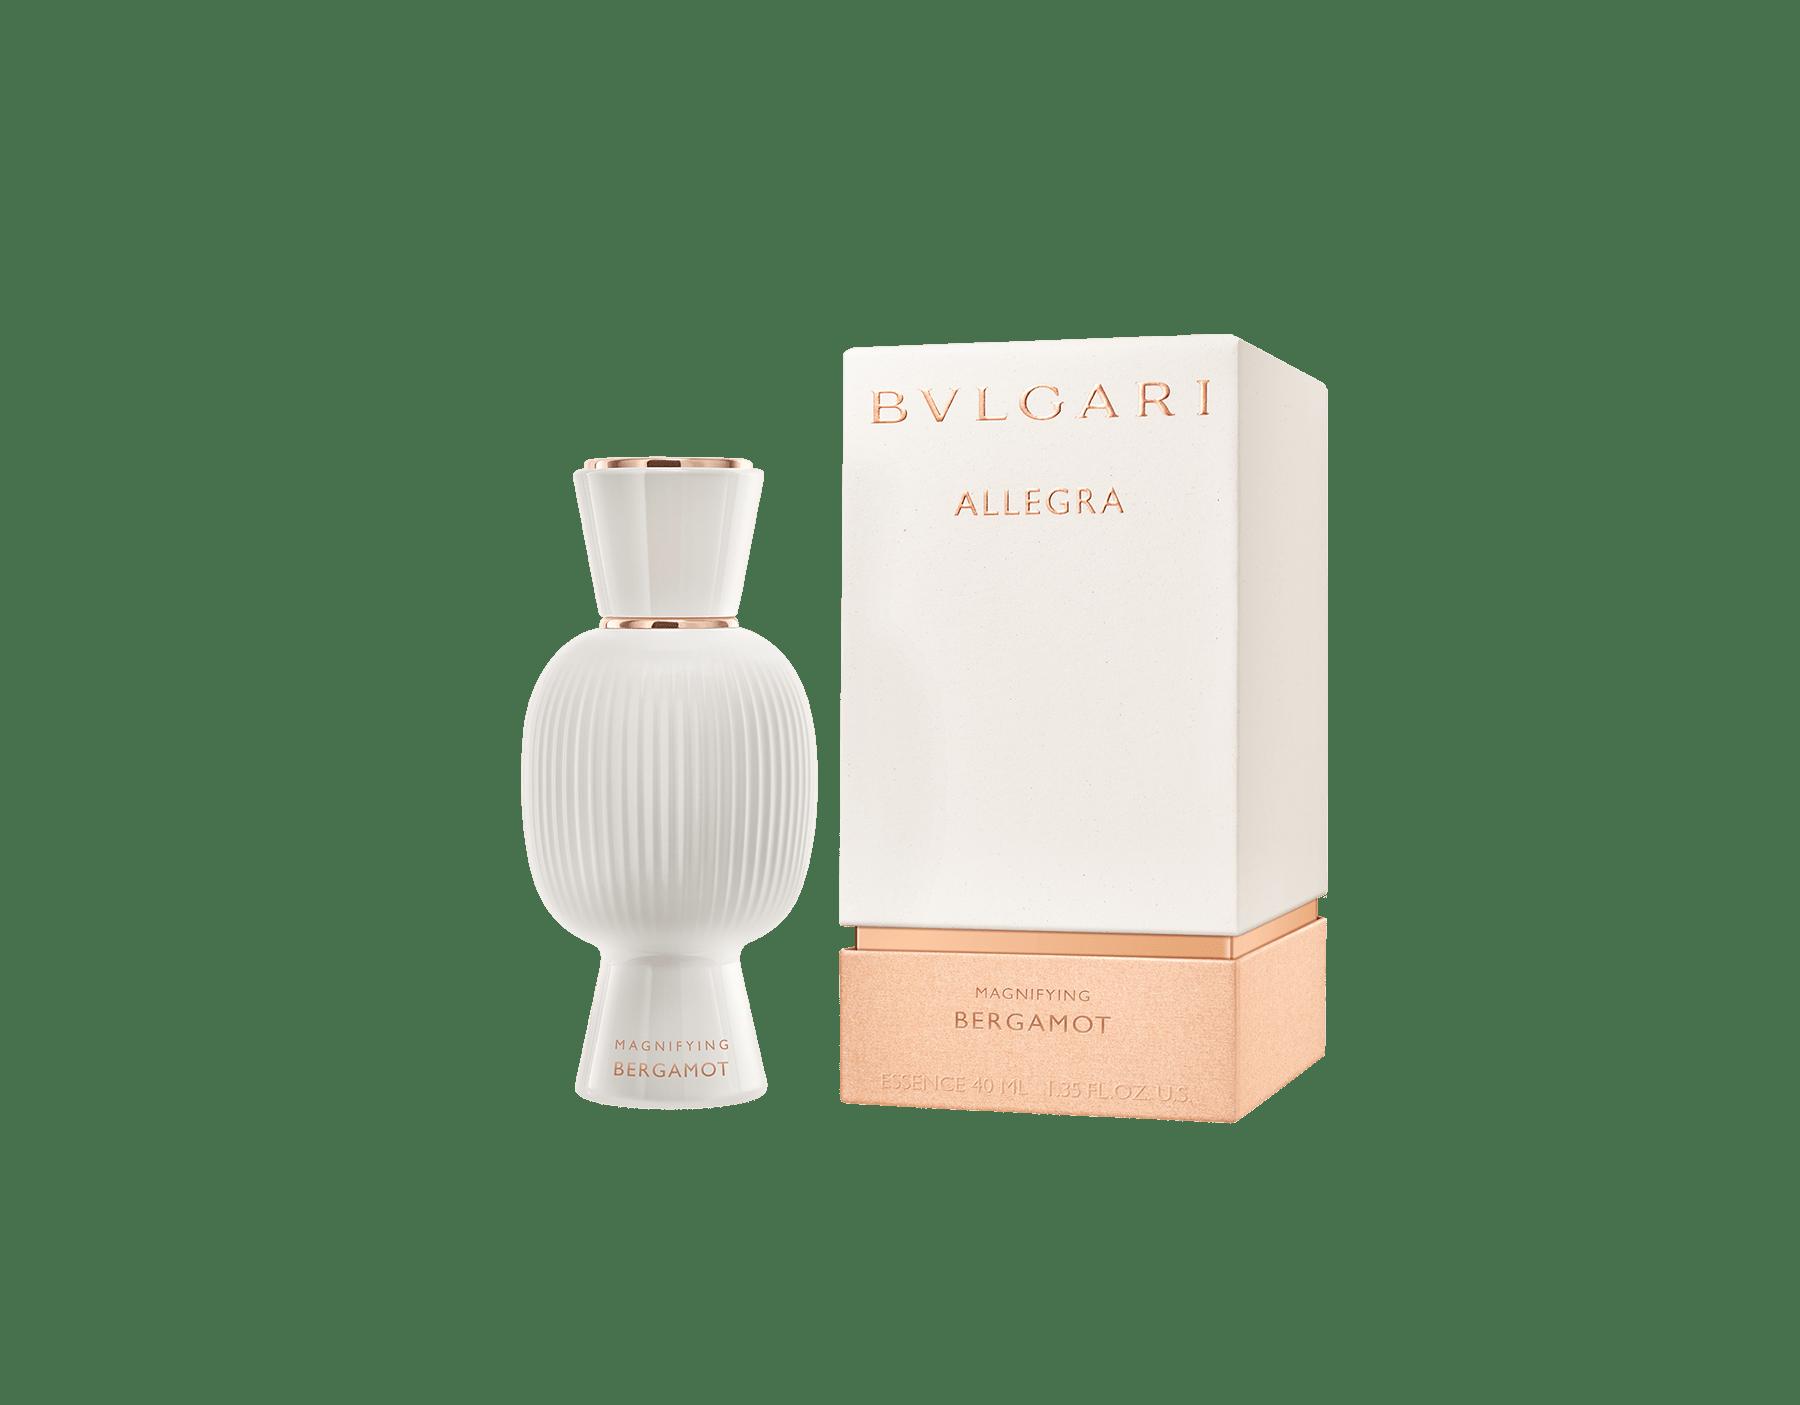 充滿活力的 Magnifying Bergamot 讓您的淡香精散發清新香息。<br>#放大更多喜悅 41277 image 2